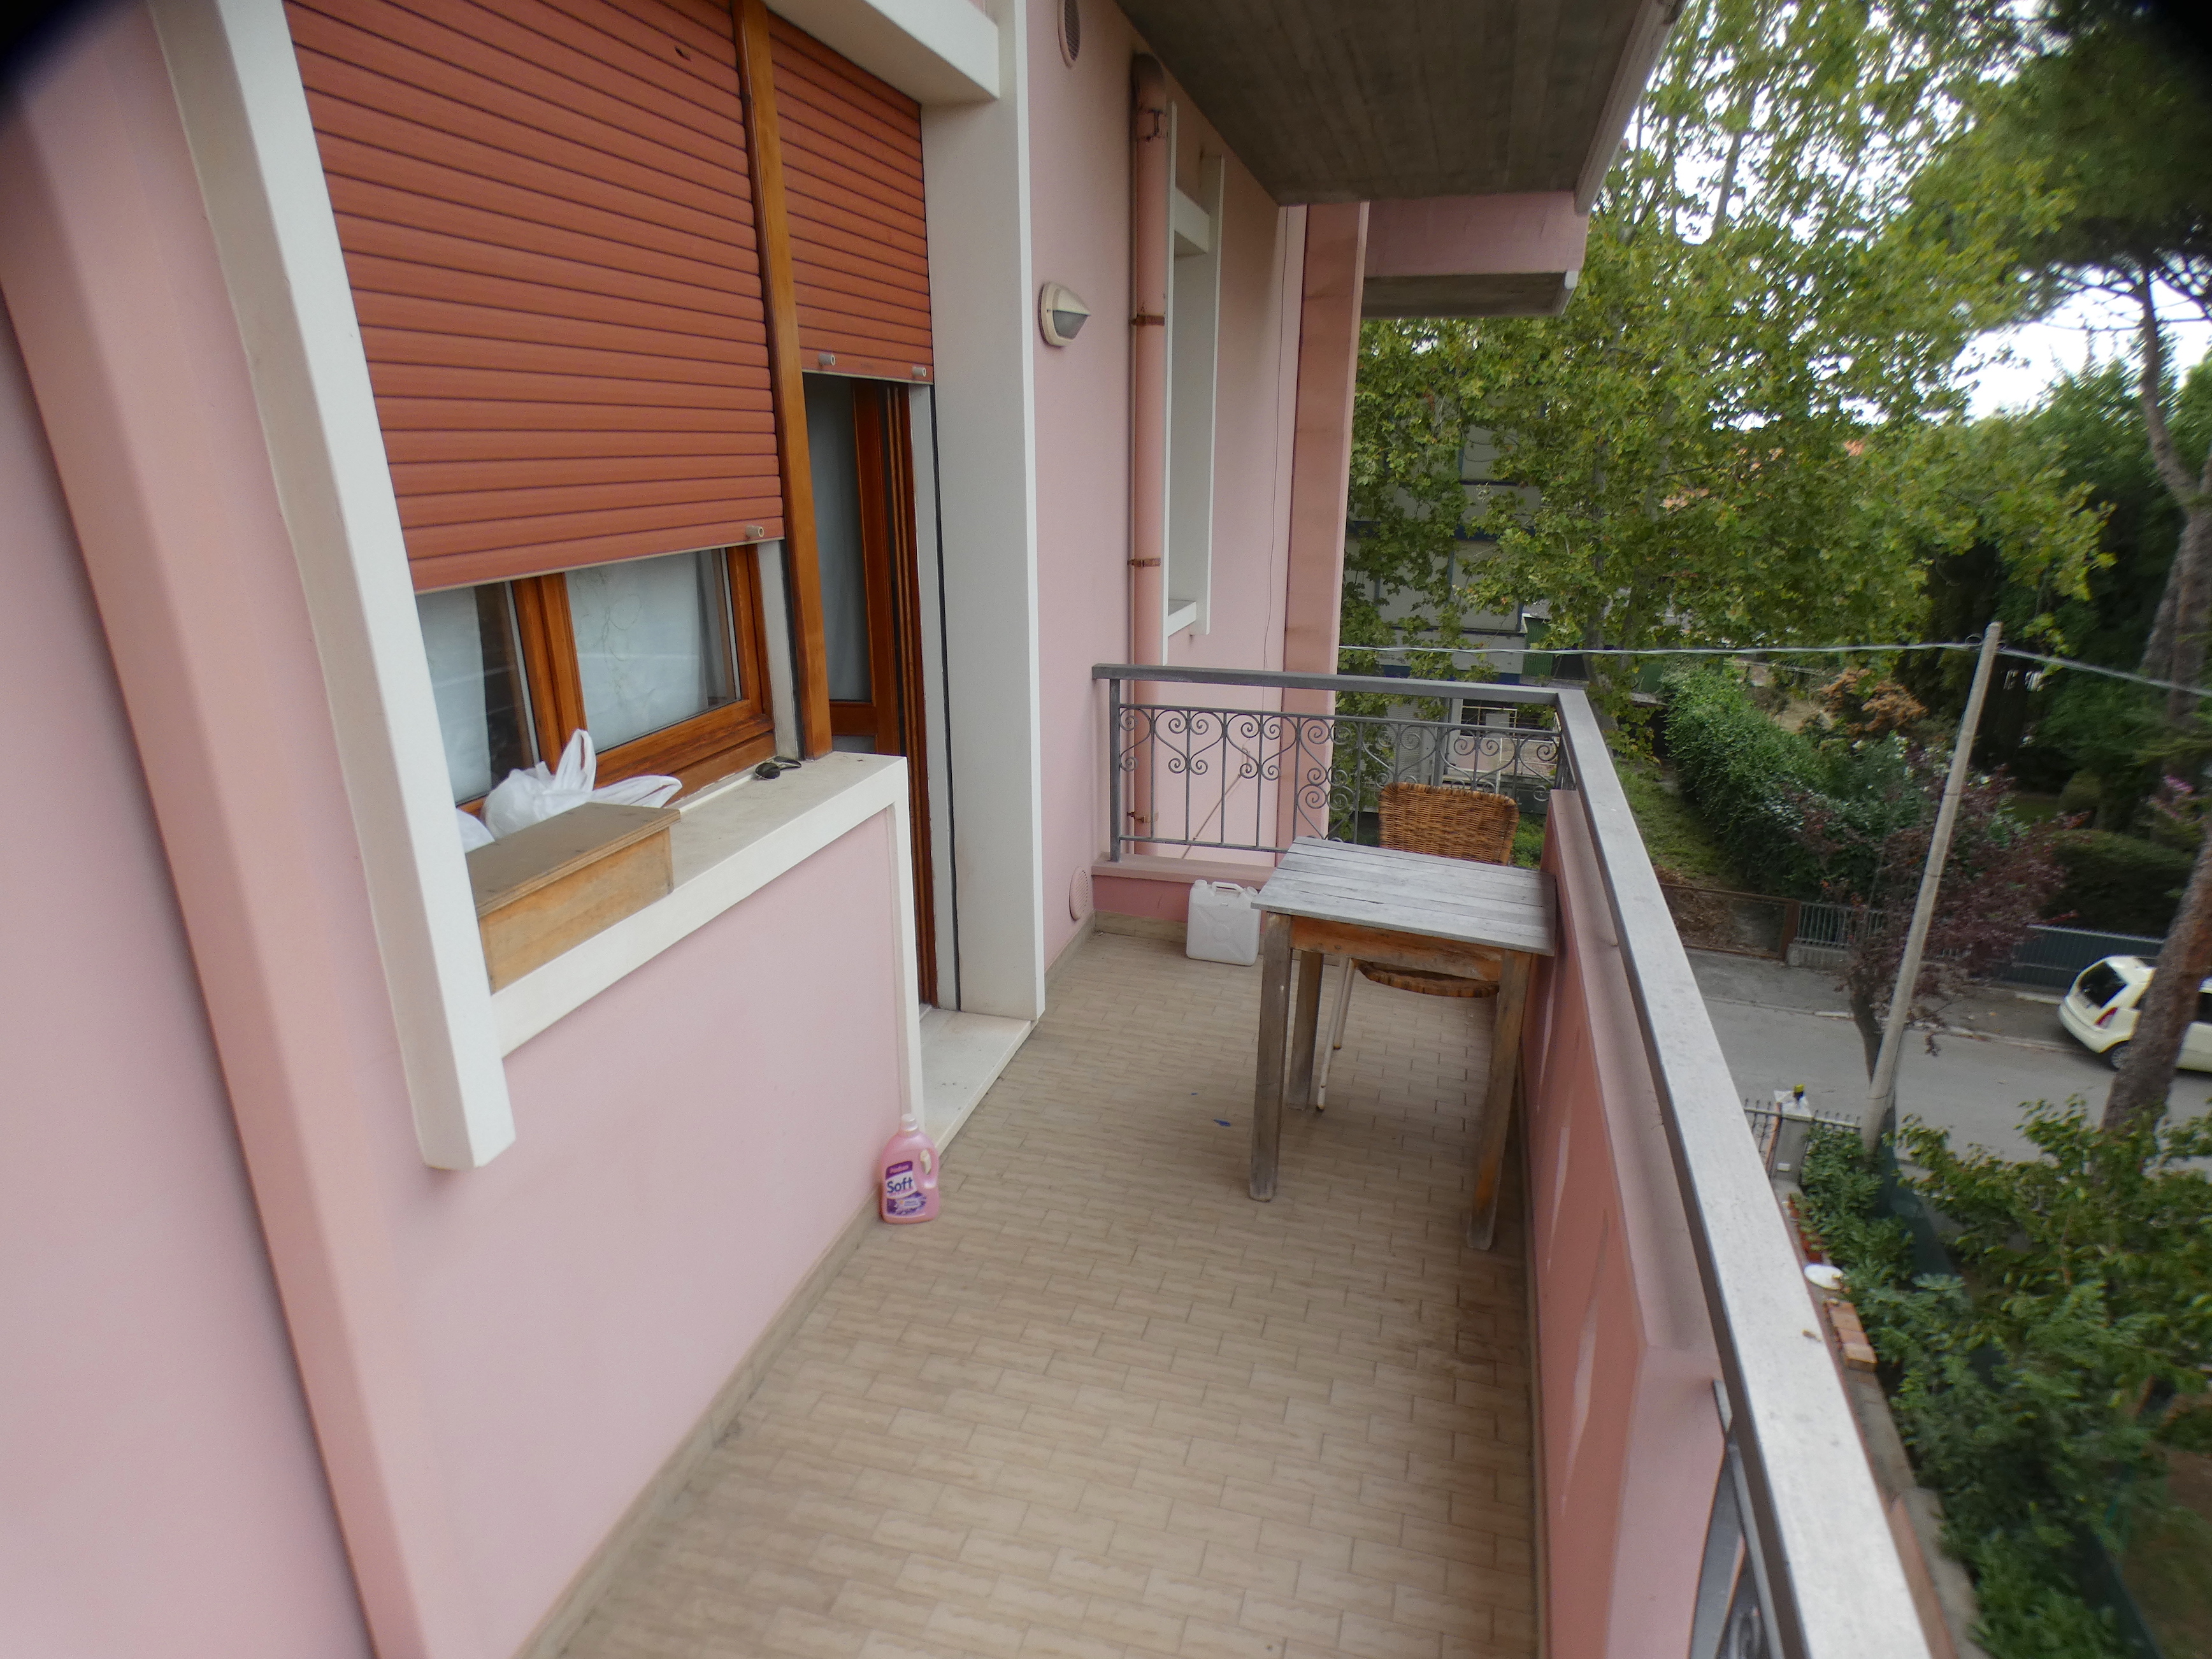 RICCIONE PARCO, Trilocale  con terrazzo abitabile e posto auto